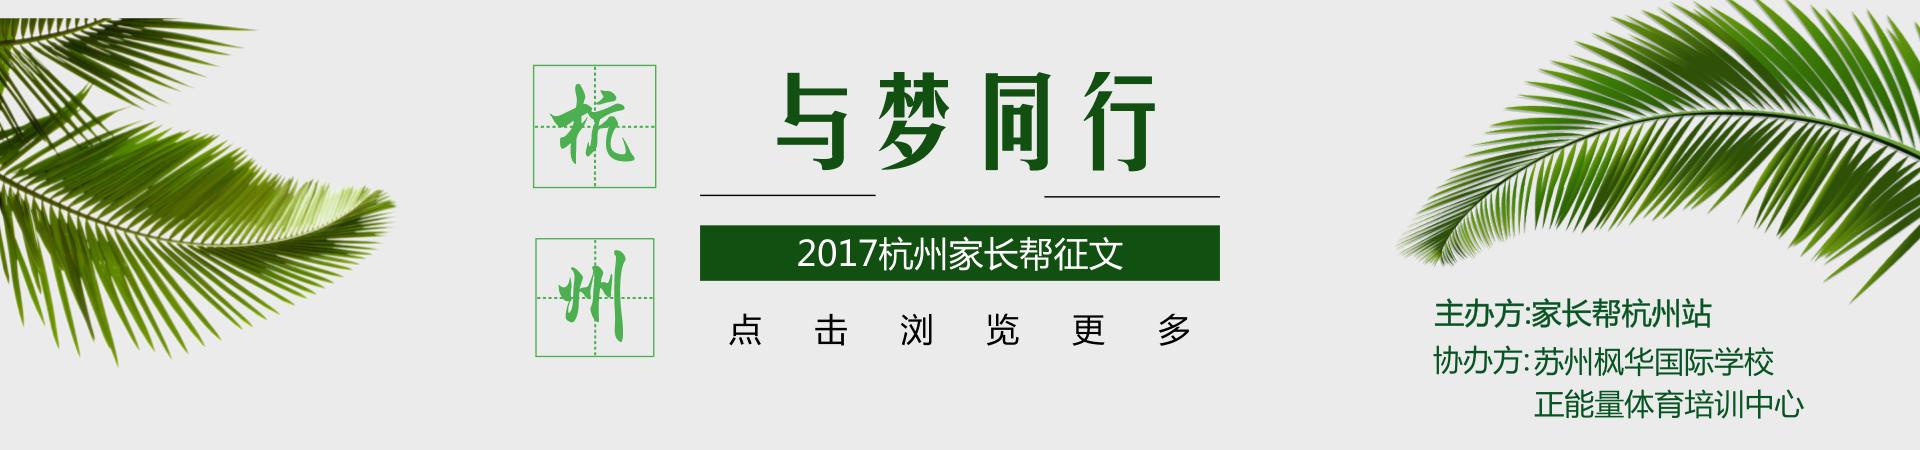 征文尾图.png